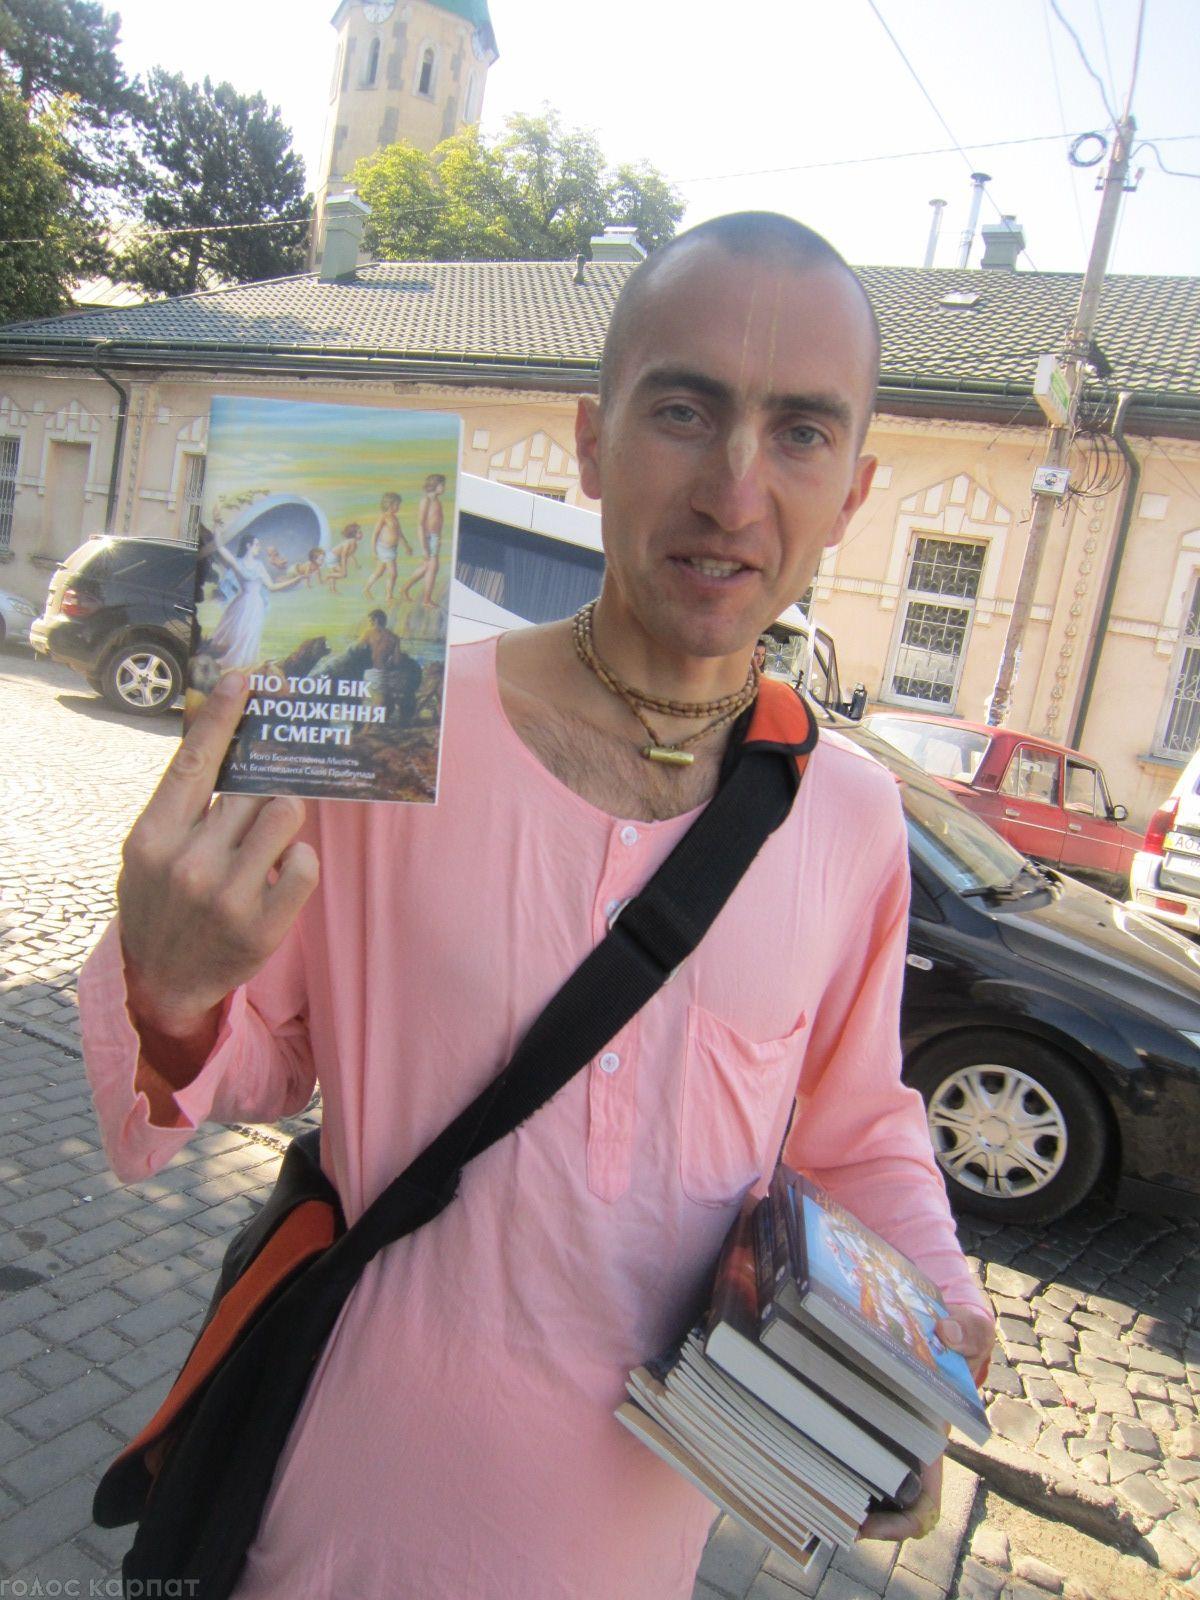 роздавали перехожим печиво та пропонували книжечки і буклети за символічну ціну. Фото: Голос Карпат.